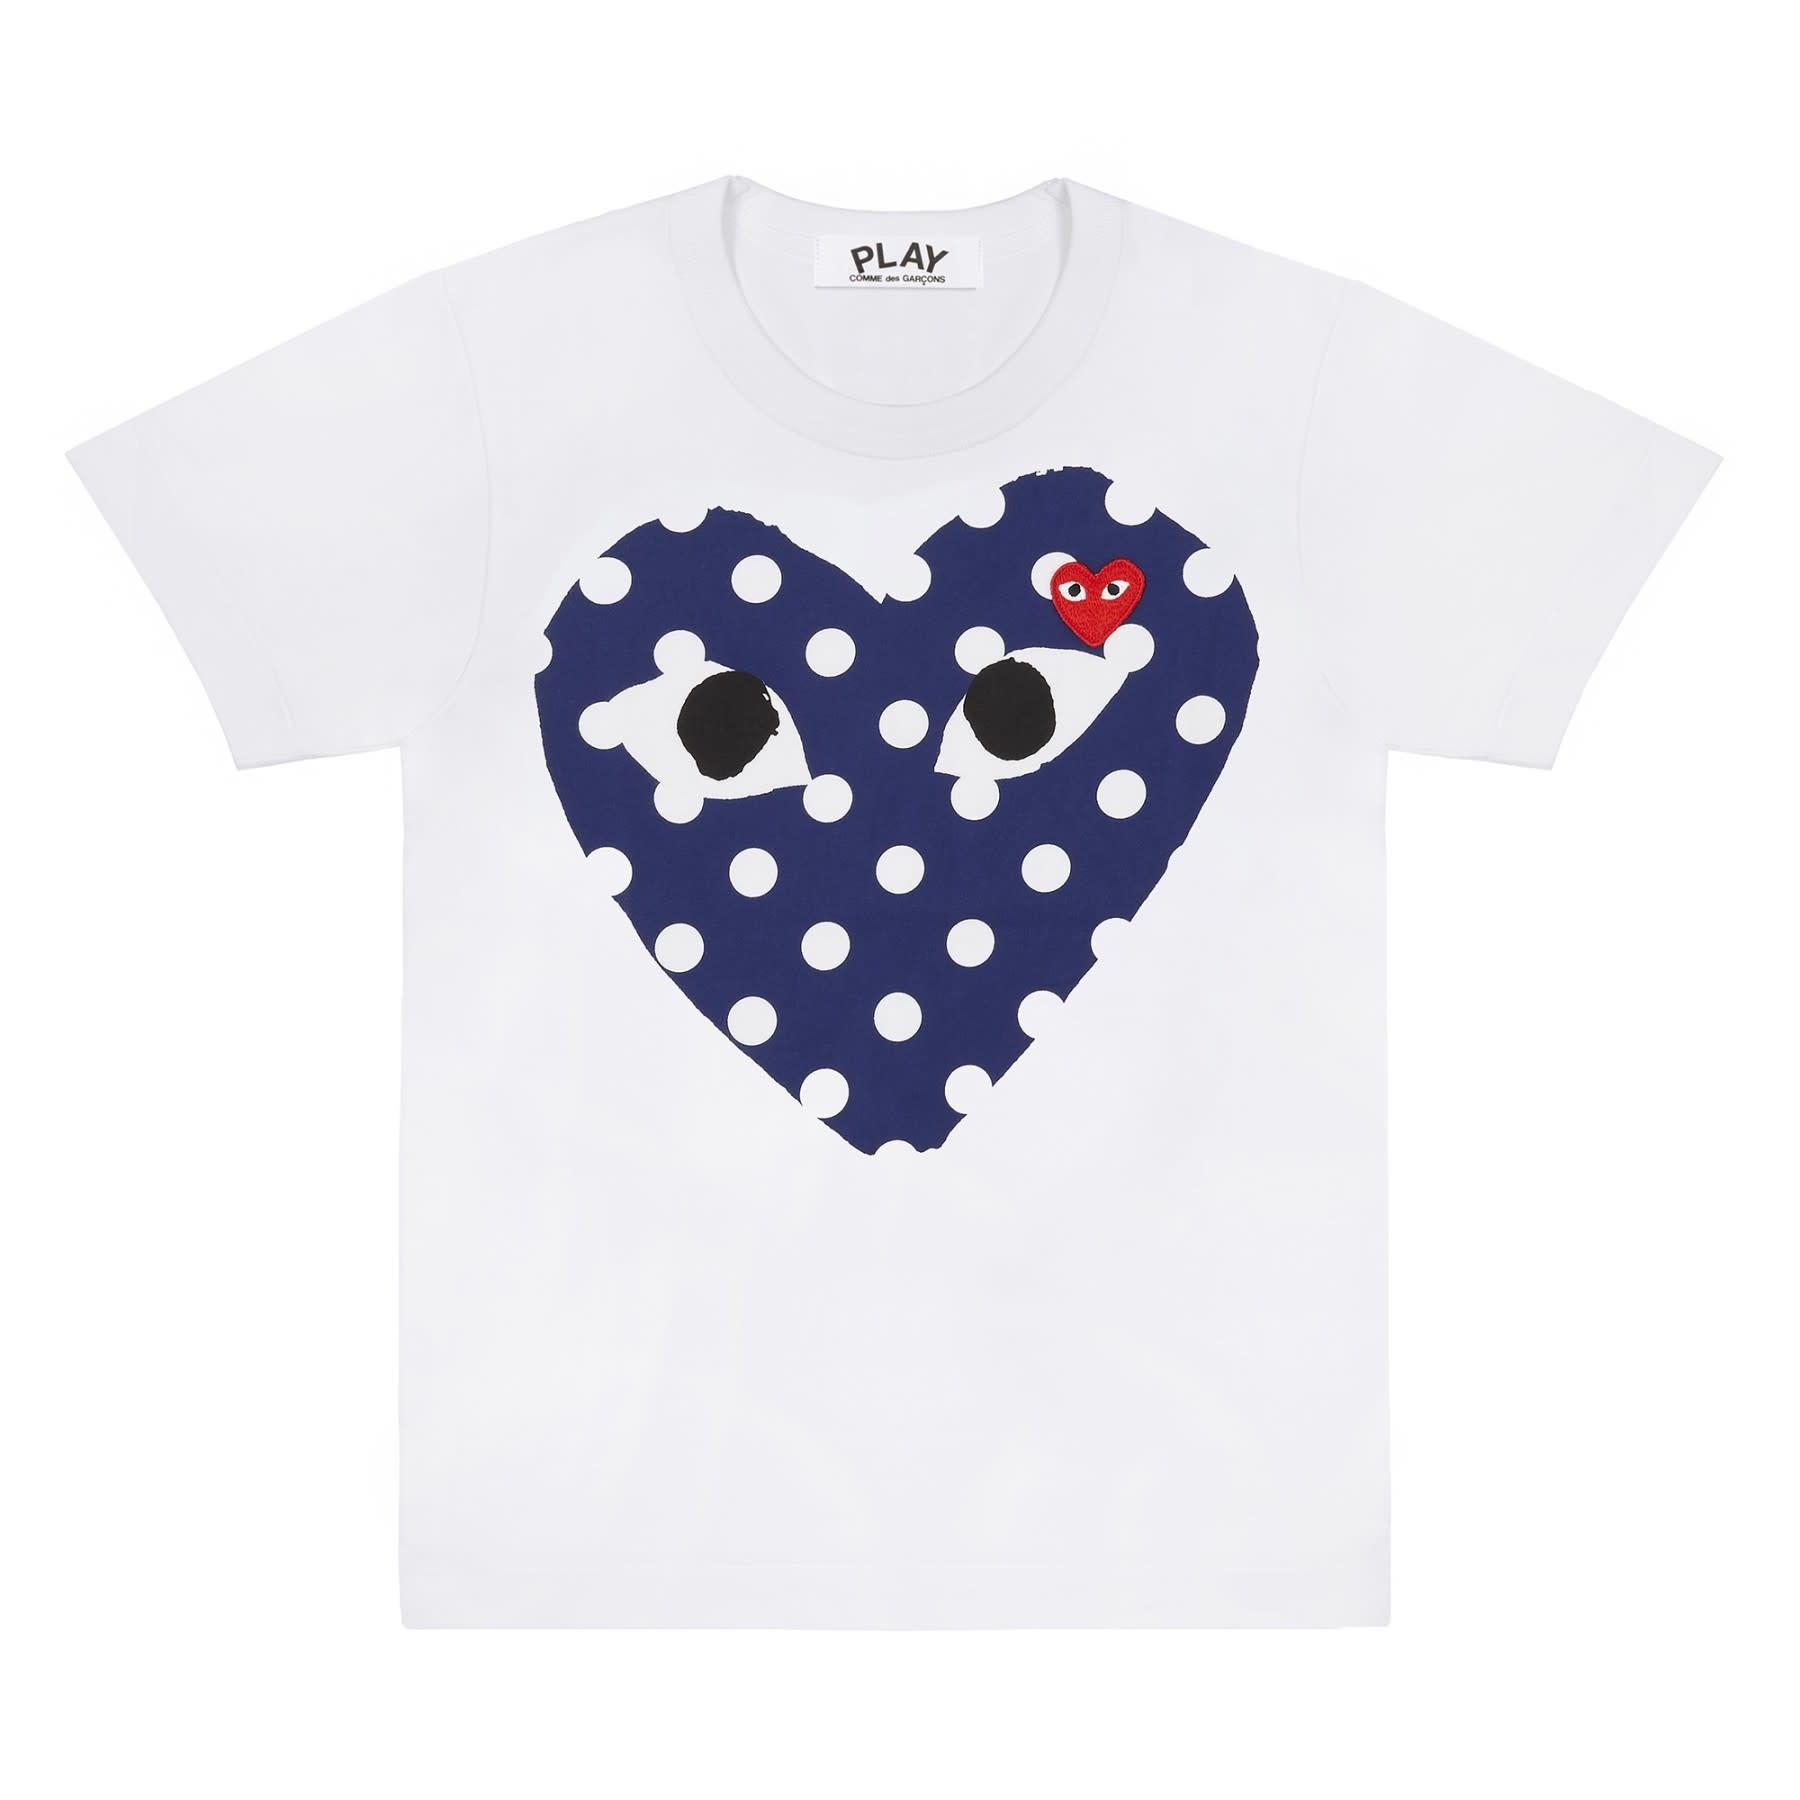 COMME des GARÇONS PLAY Women's Big Heart Polka Dot T-shirt